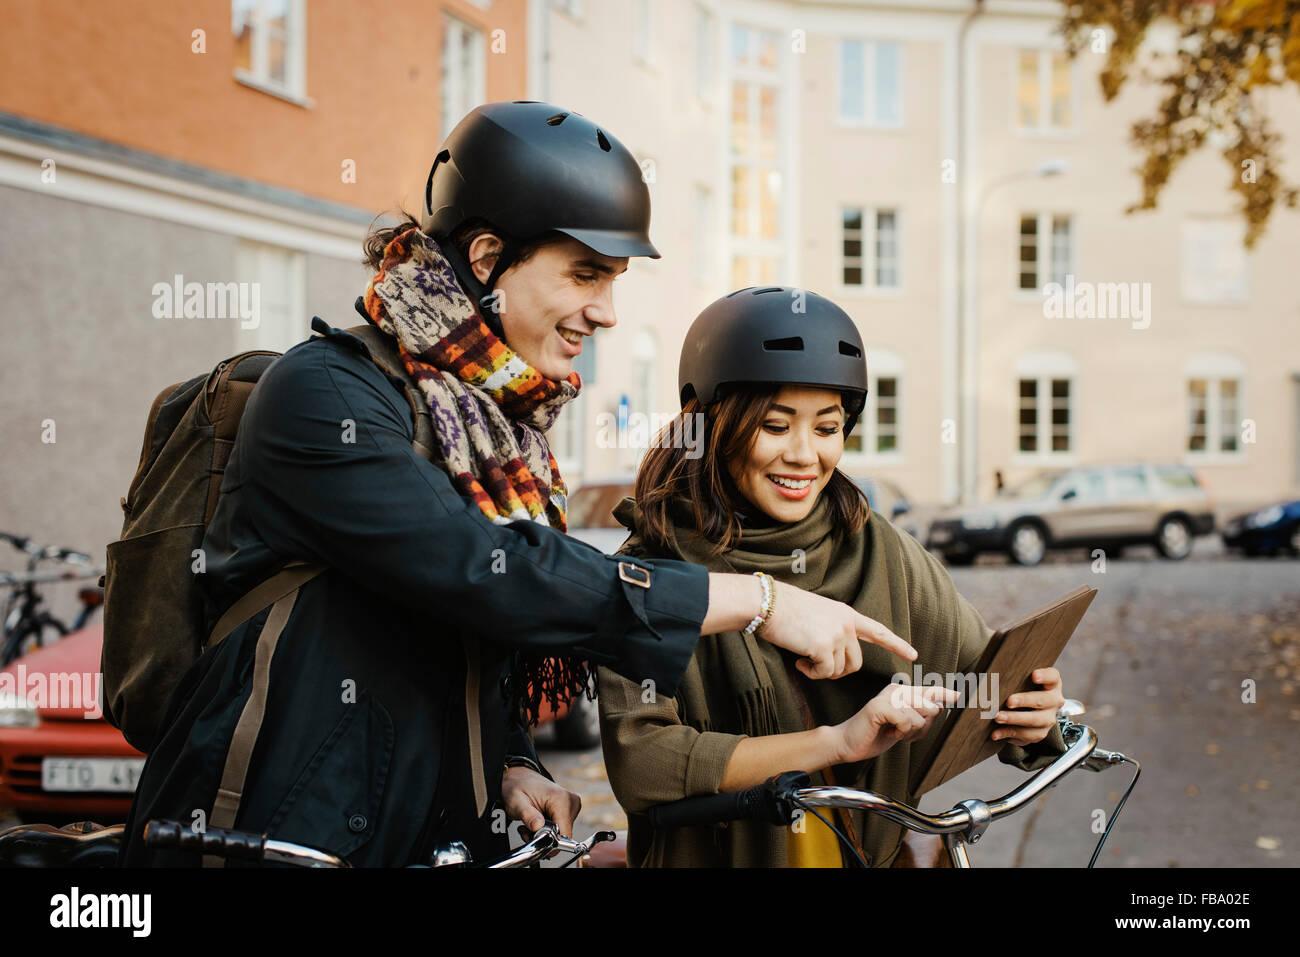 Schweden, Uppland, Stockholm, Vasastan, Rodabergsbrinken, zwei Jugendliche auf der Suche bei digital-Tablette lächelnd Stockbild